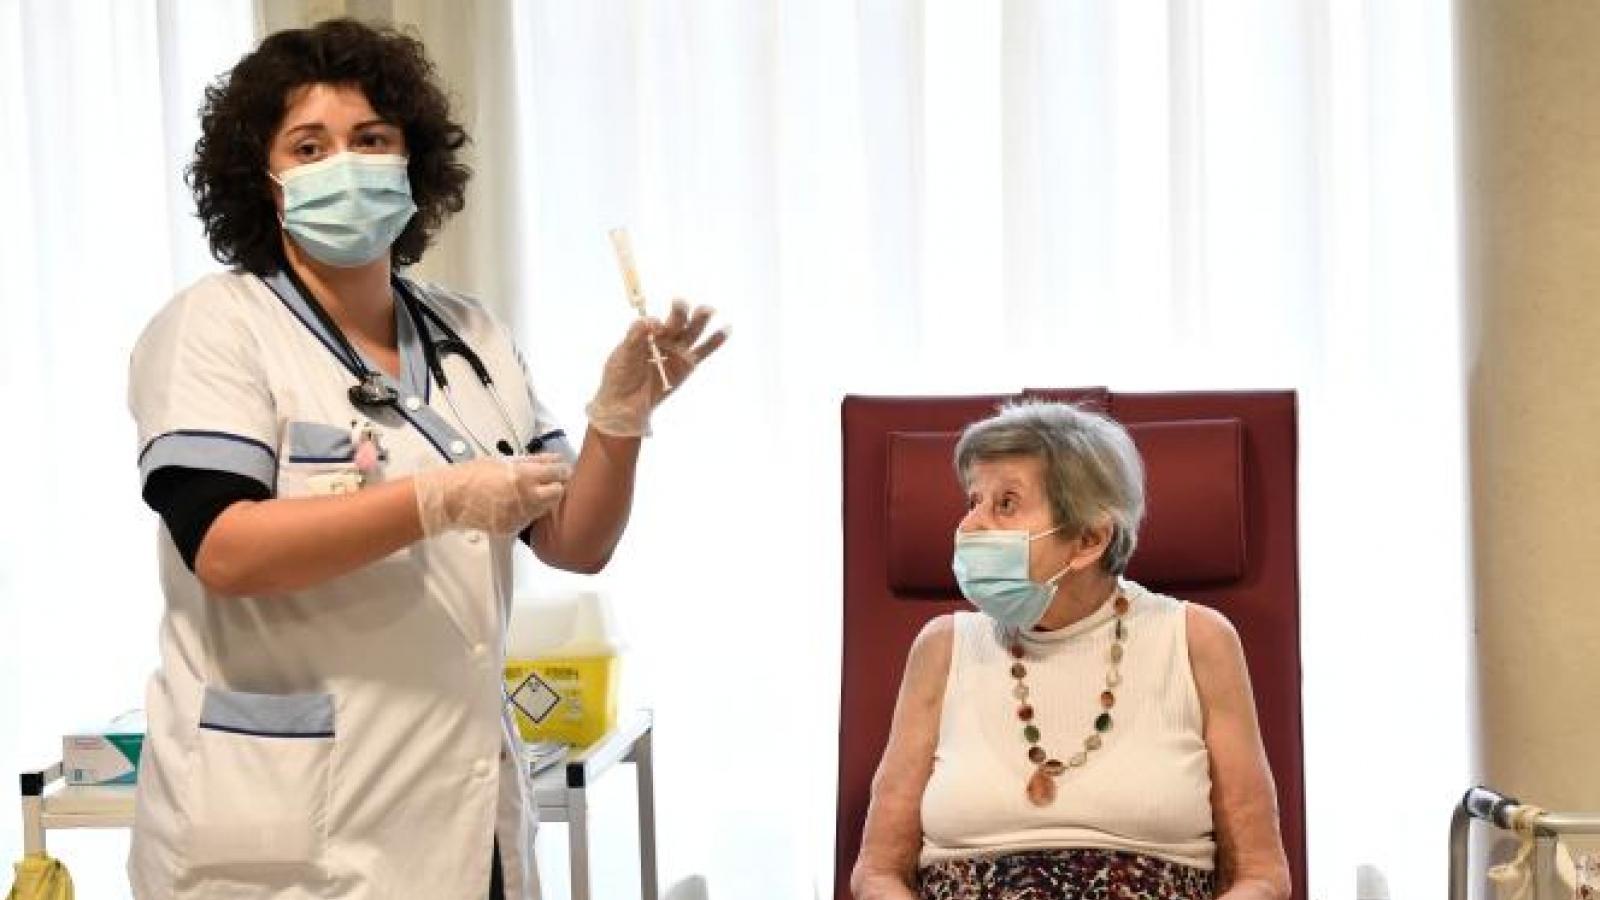 Chính phủ Pháp bị chỉ trích vì chiến dịch tiêm chủng quá chậm chạp